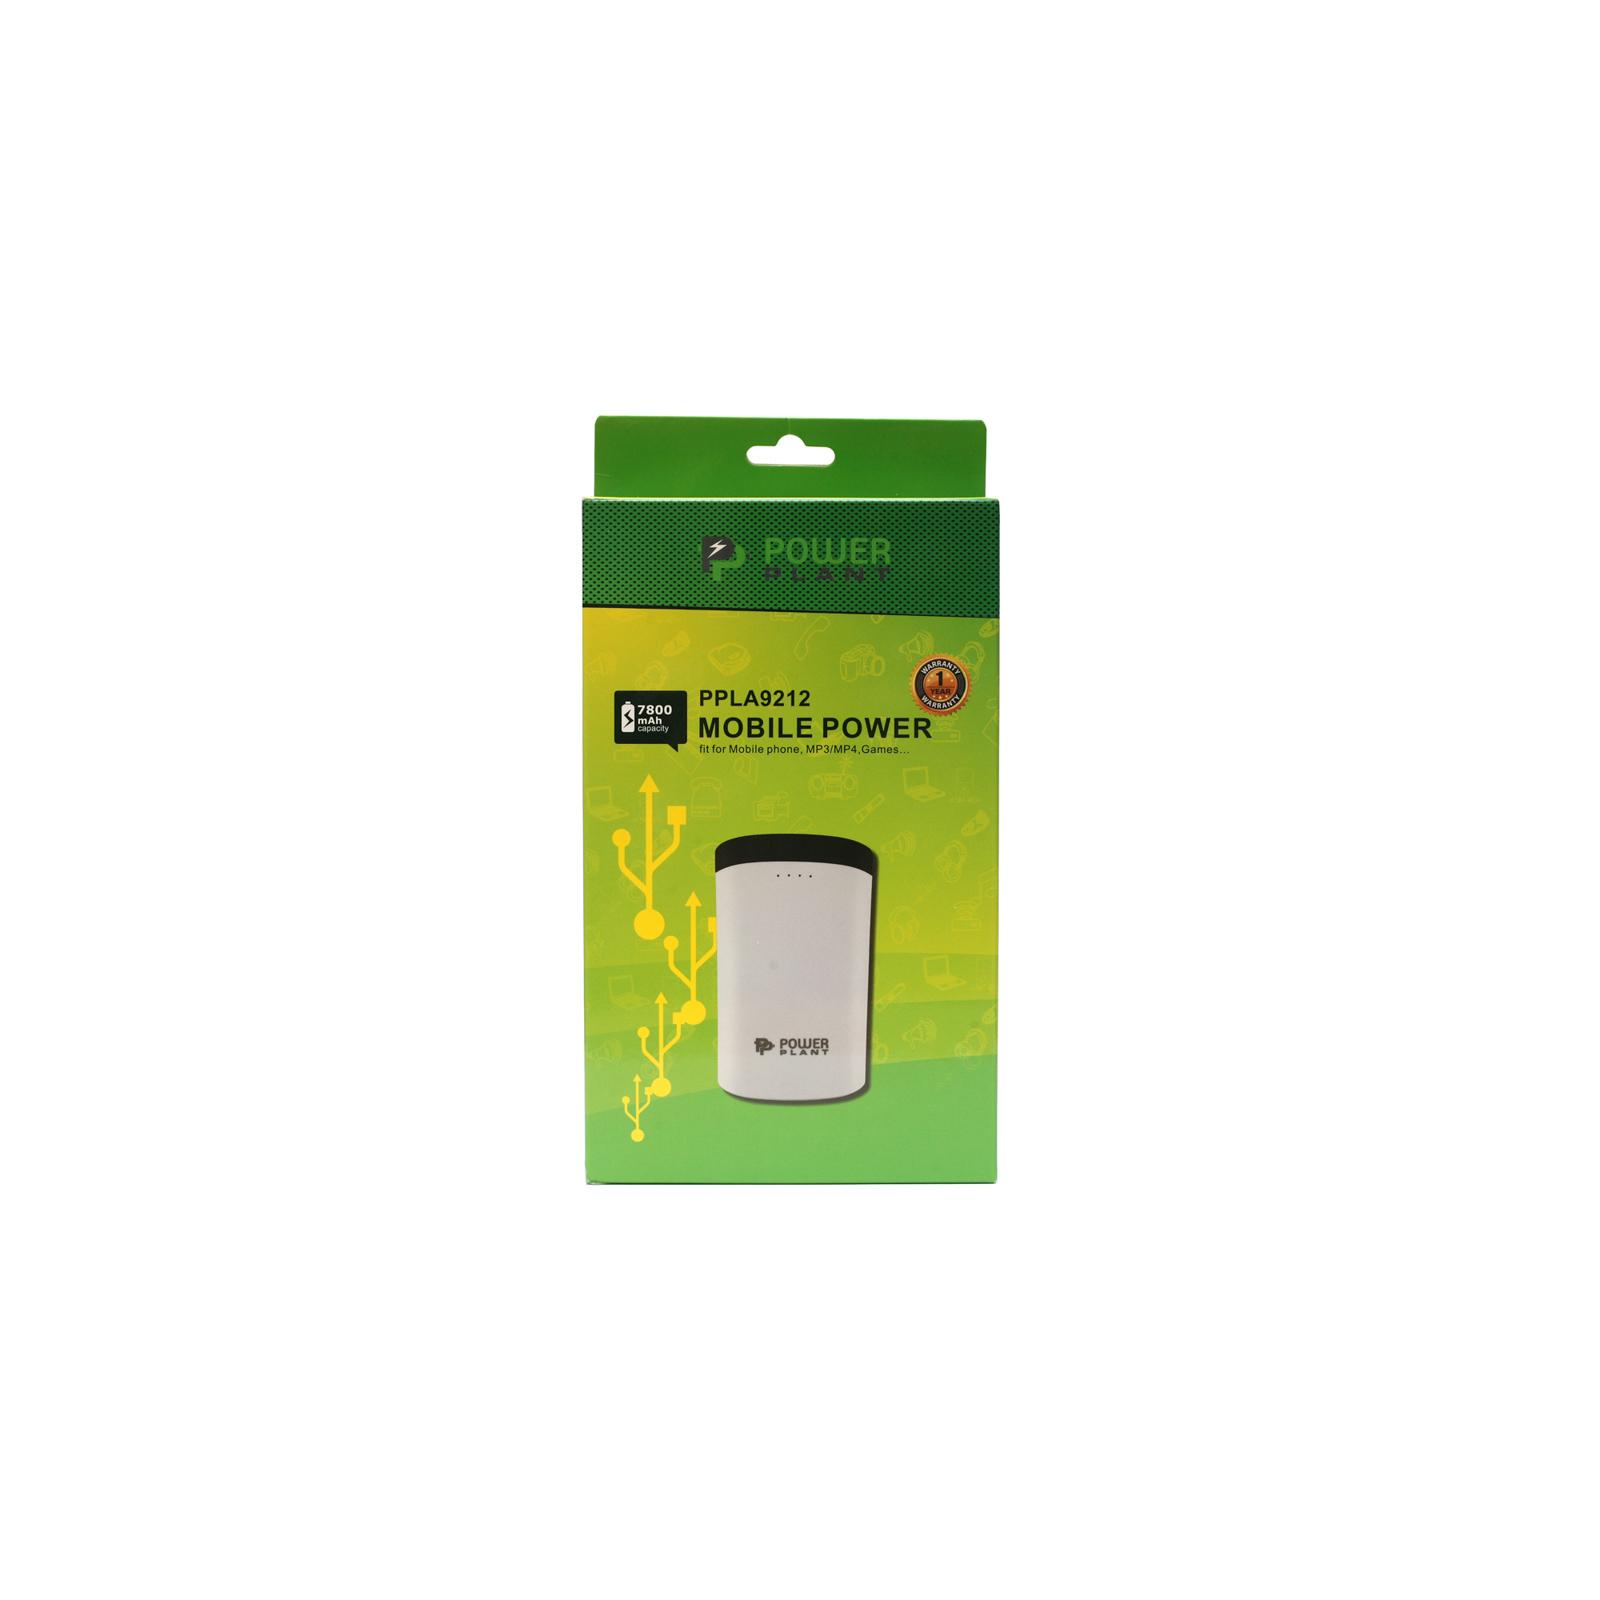 Батарея универсальная PowerPlant PB-LA9212 7800mAh 1*USB/1A, 1*USB/2A (PPLA9212) изображение 5